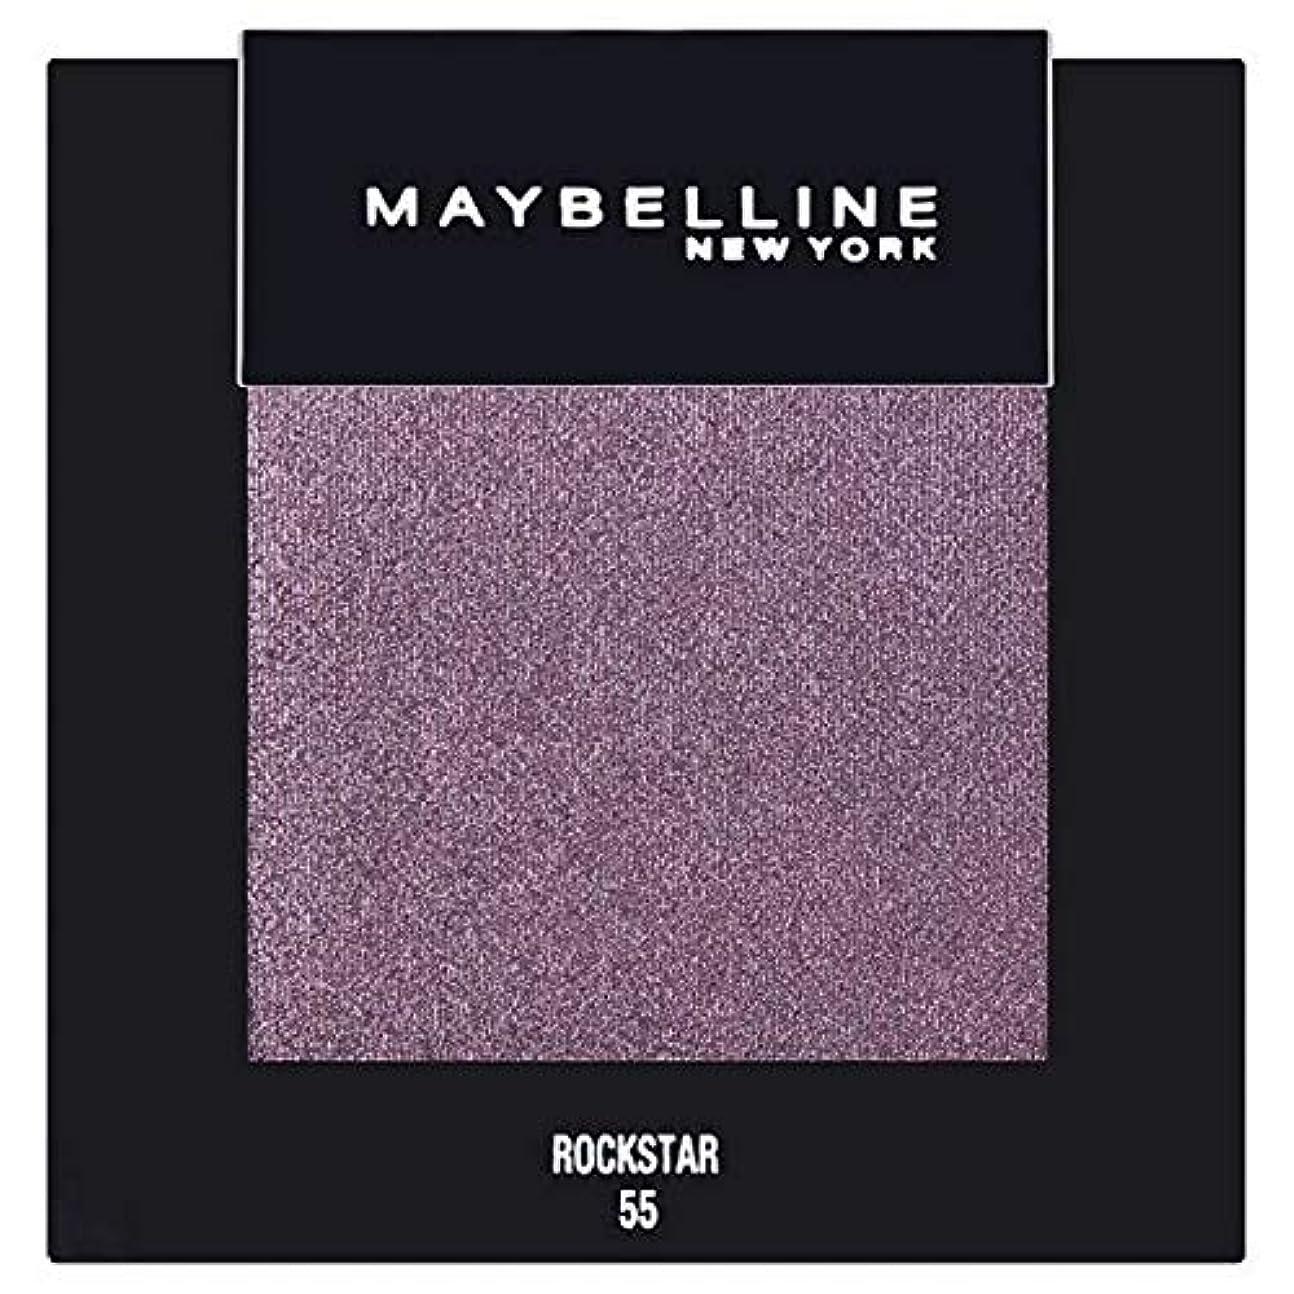 スリッパミュート勢い[Maybelline ] メイベリンカラーショーシングルアイシャドウ55ロックスター - Maybelline Color Show Single Eyeshadow 55 Rockstar [並行輸入品]